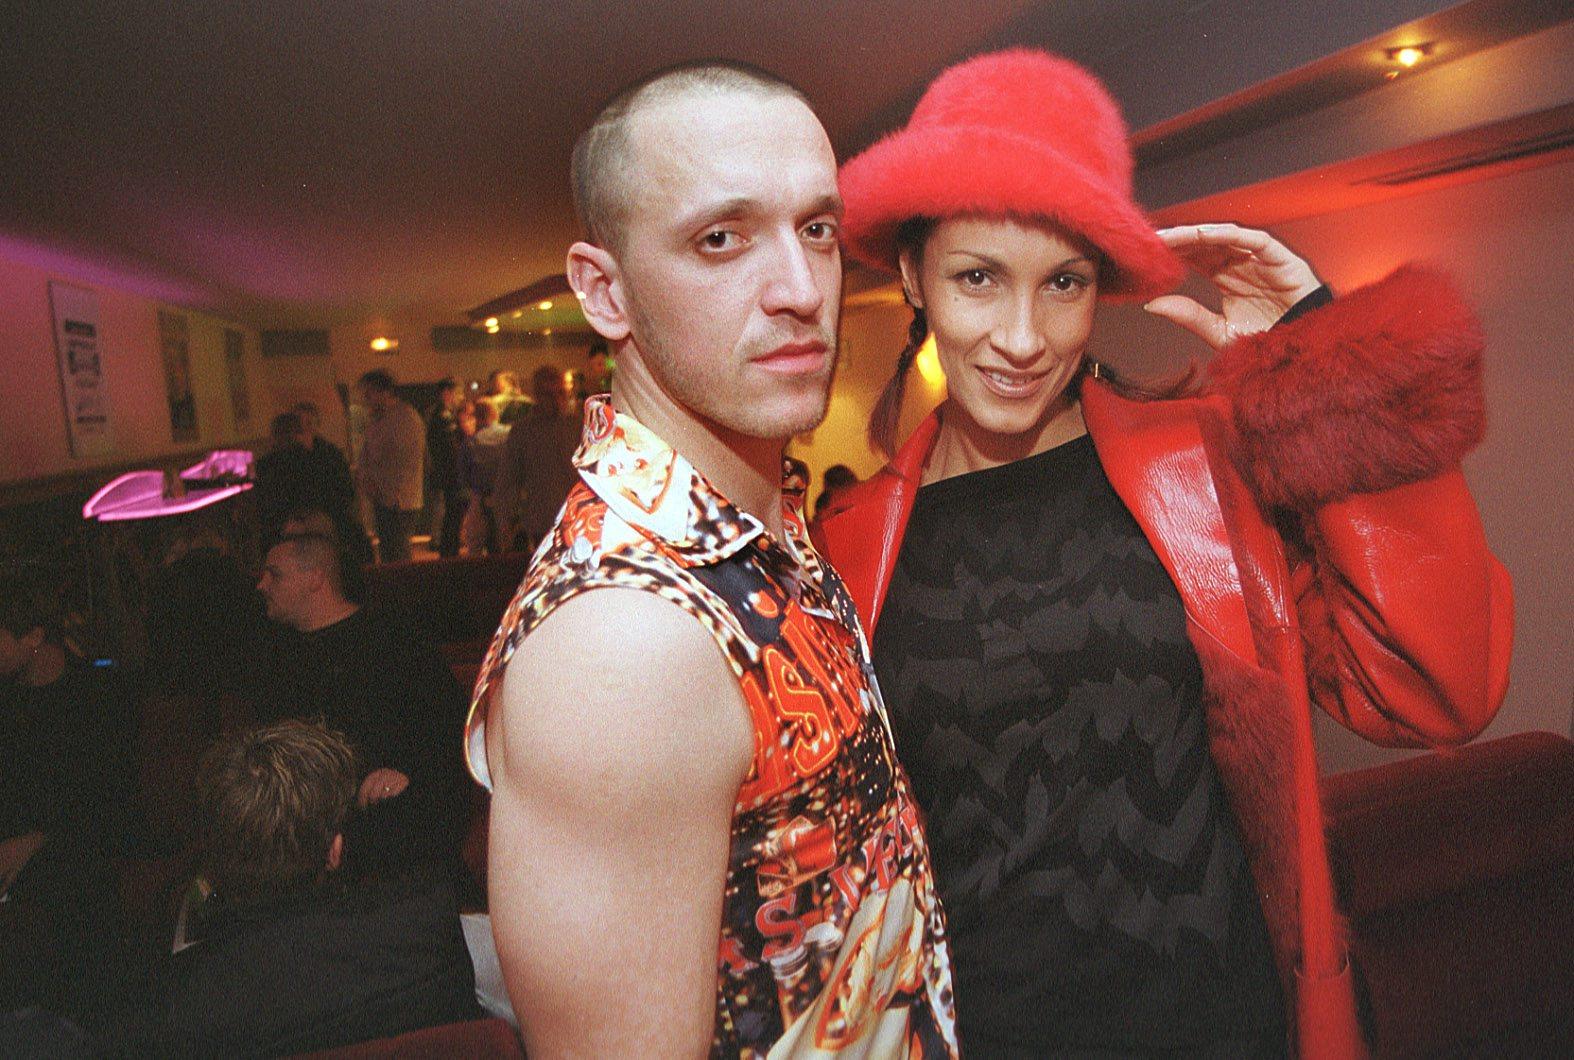 zagreb 101101 ivana banfic sa svojim  plesacem uoci svog nastupa u diskoteci the best fotografirao:davor pongracic -ziv-